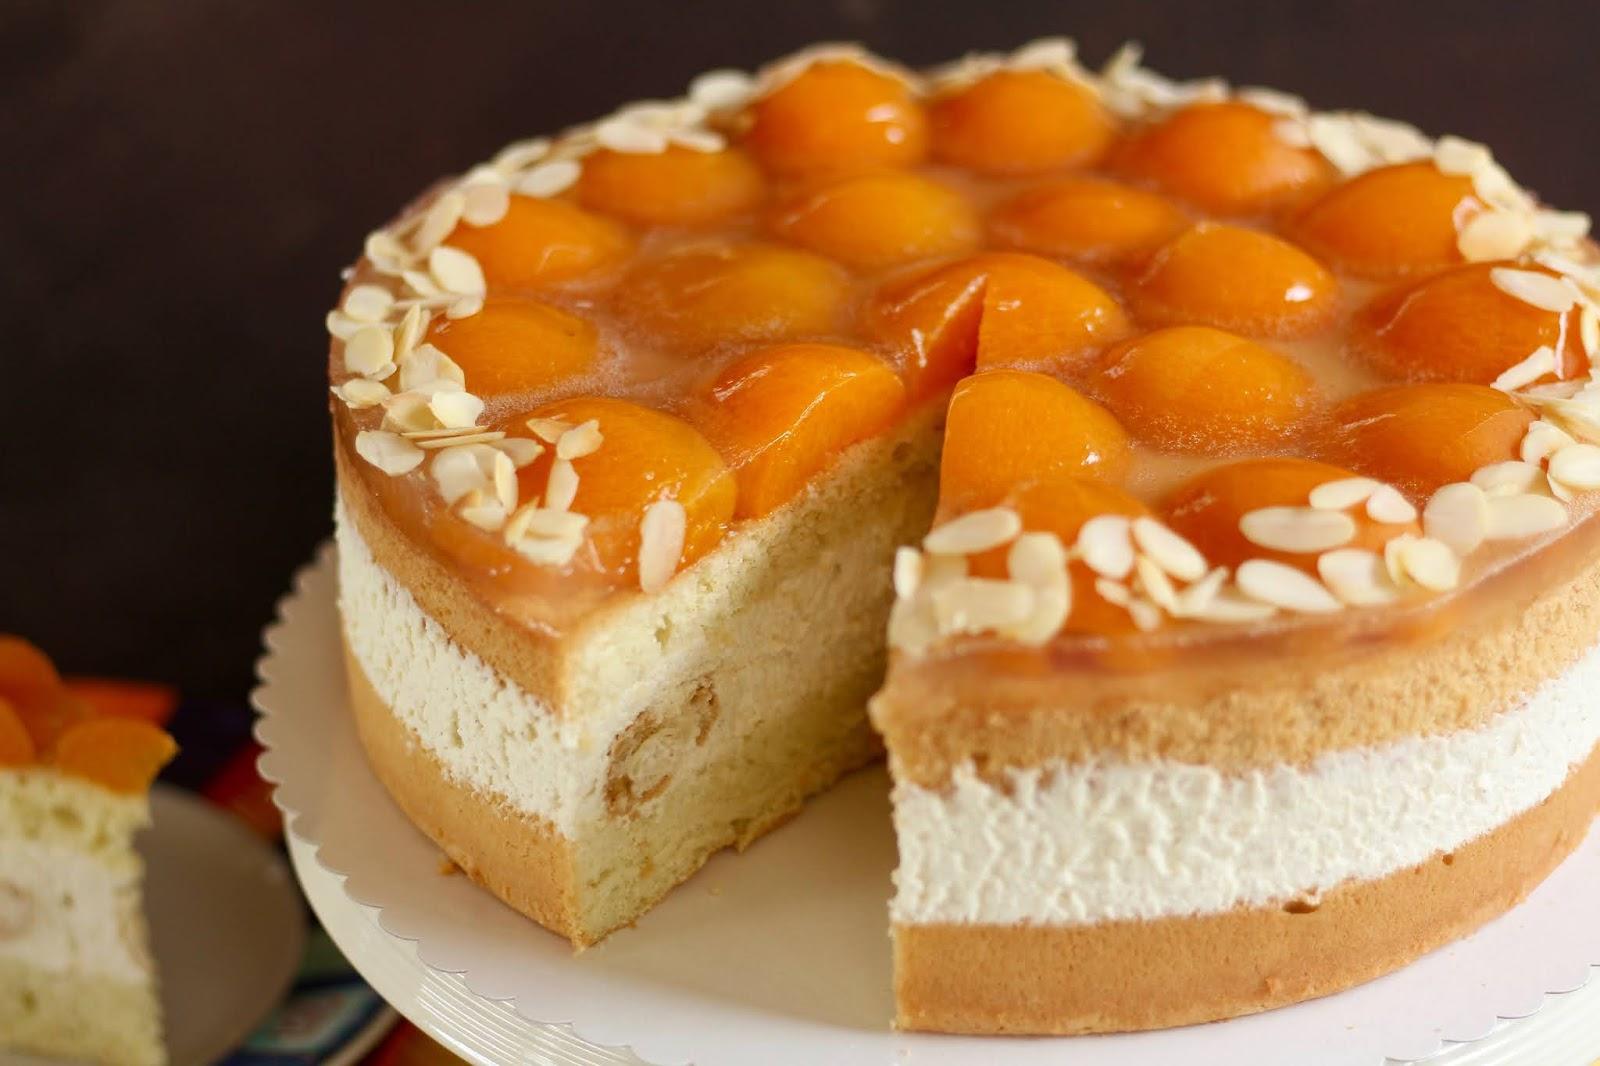 Super schnelle, einfache Windbeutel-Torte mit Aprikosen / Ostertorte | Rezept und Video von Sugarprincess